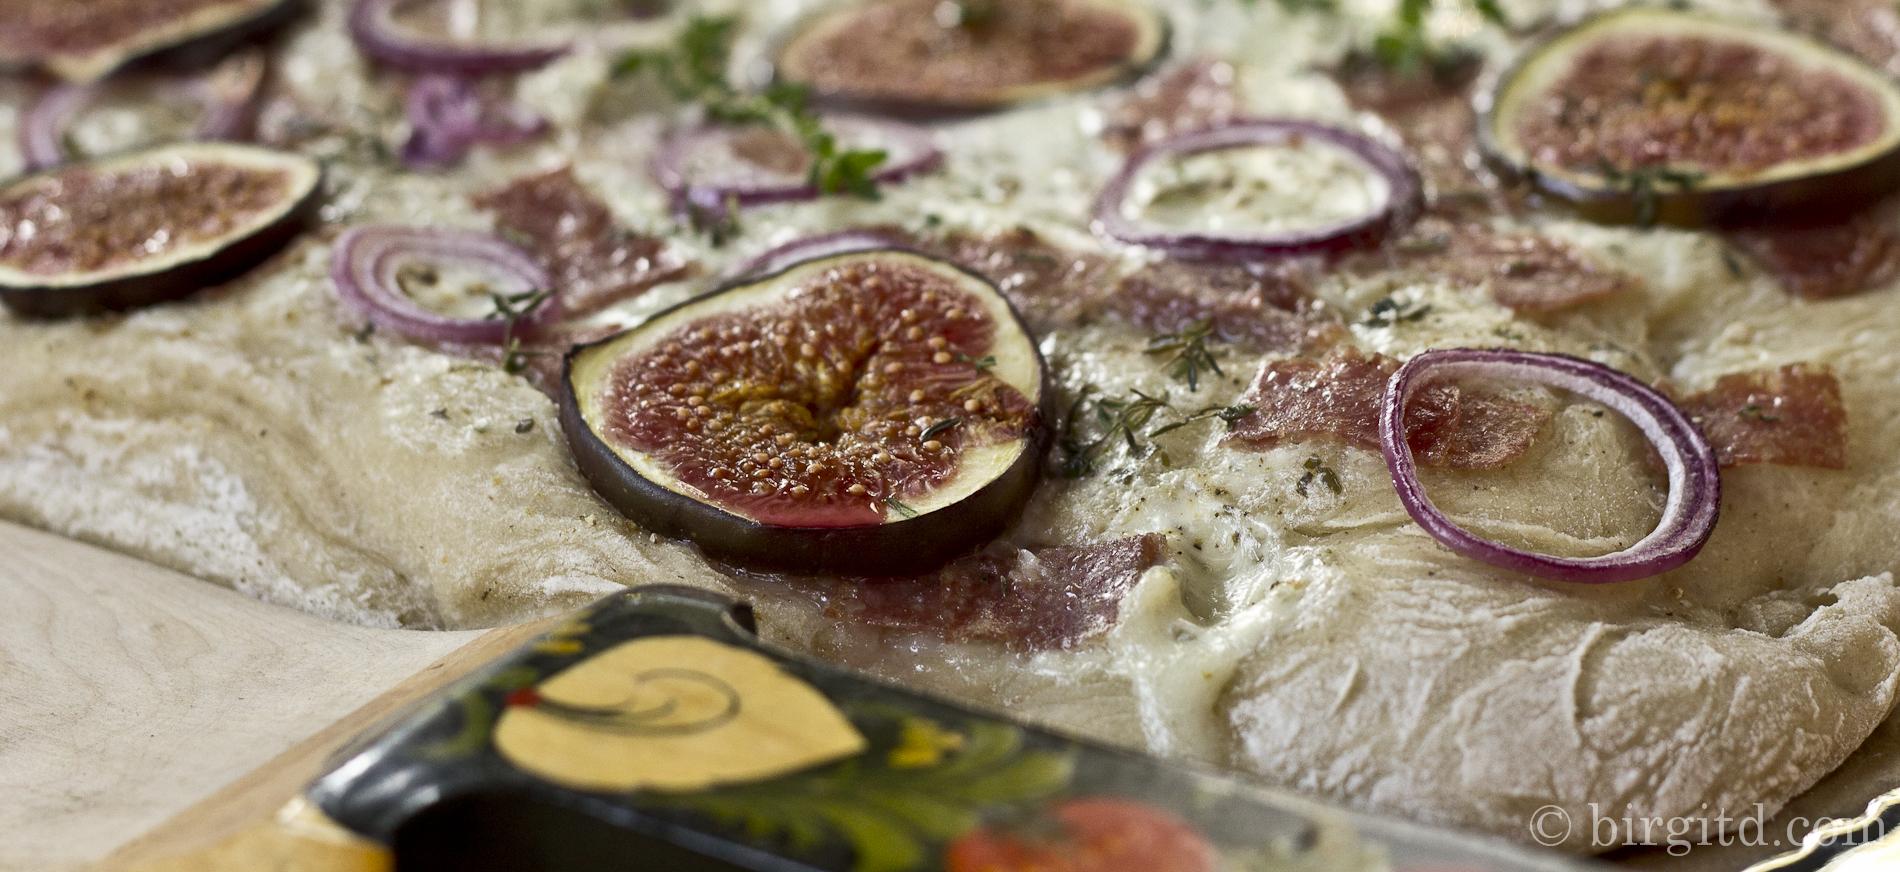 Flammkuchen mit Gorgonzola, Salami & frischen Feigen